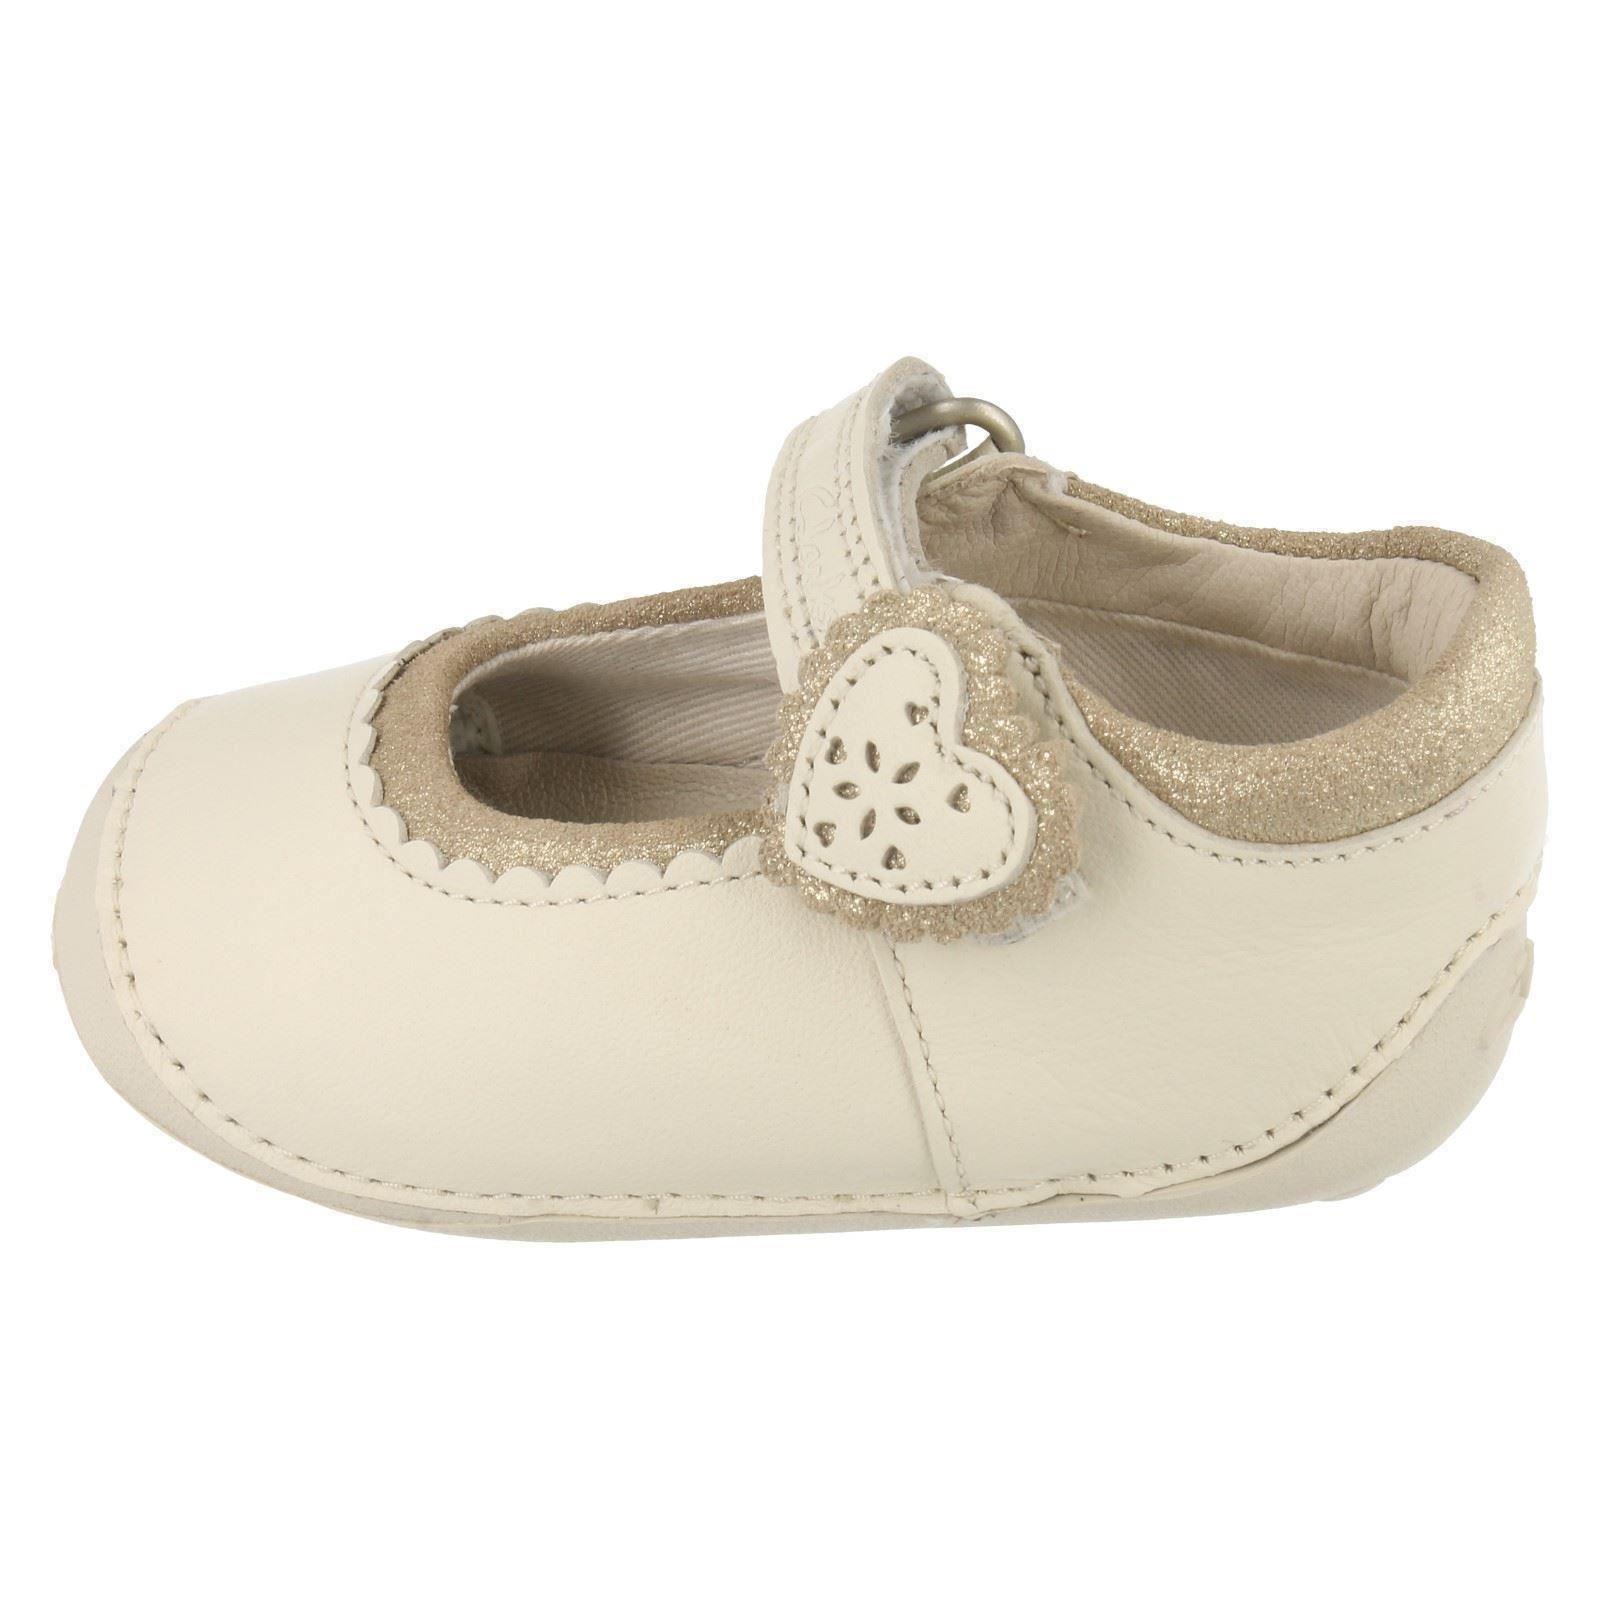 Girls Clarks First Shoes - Ida Heart